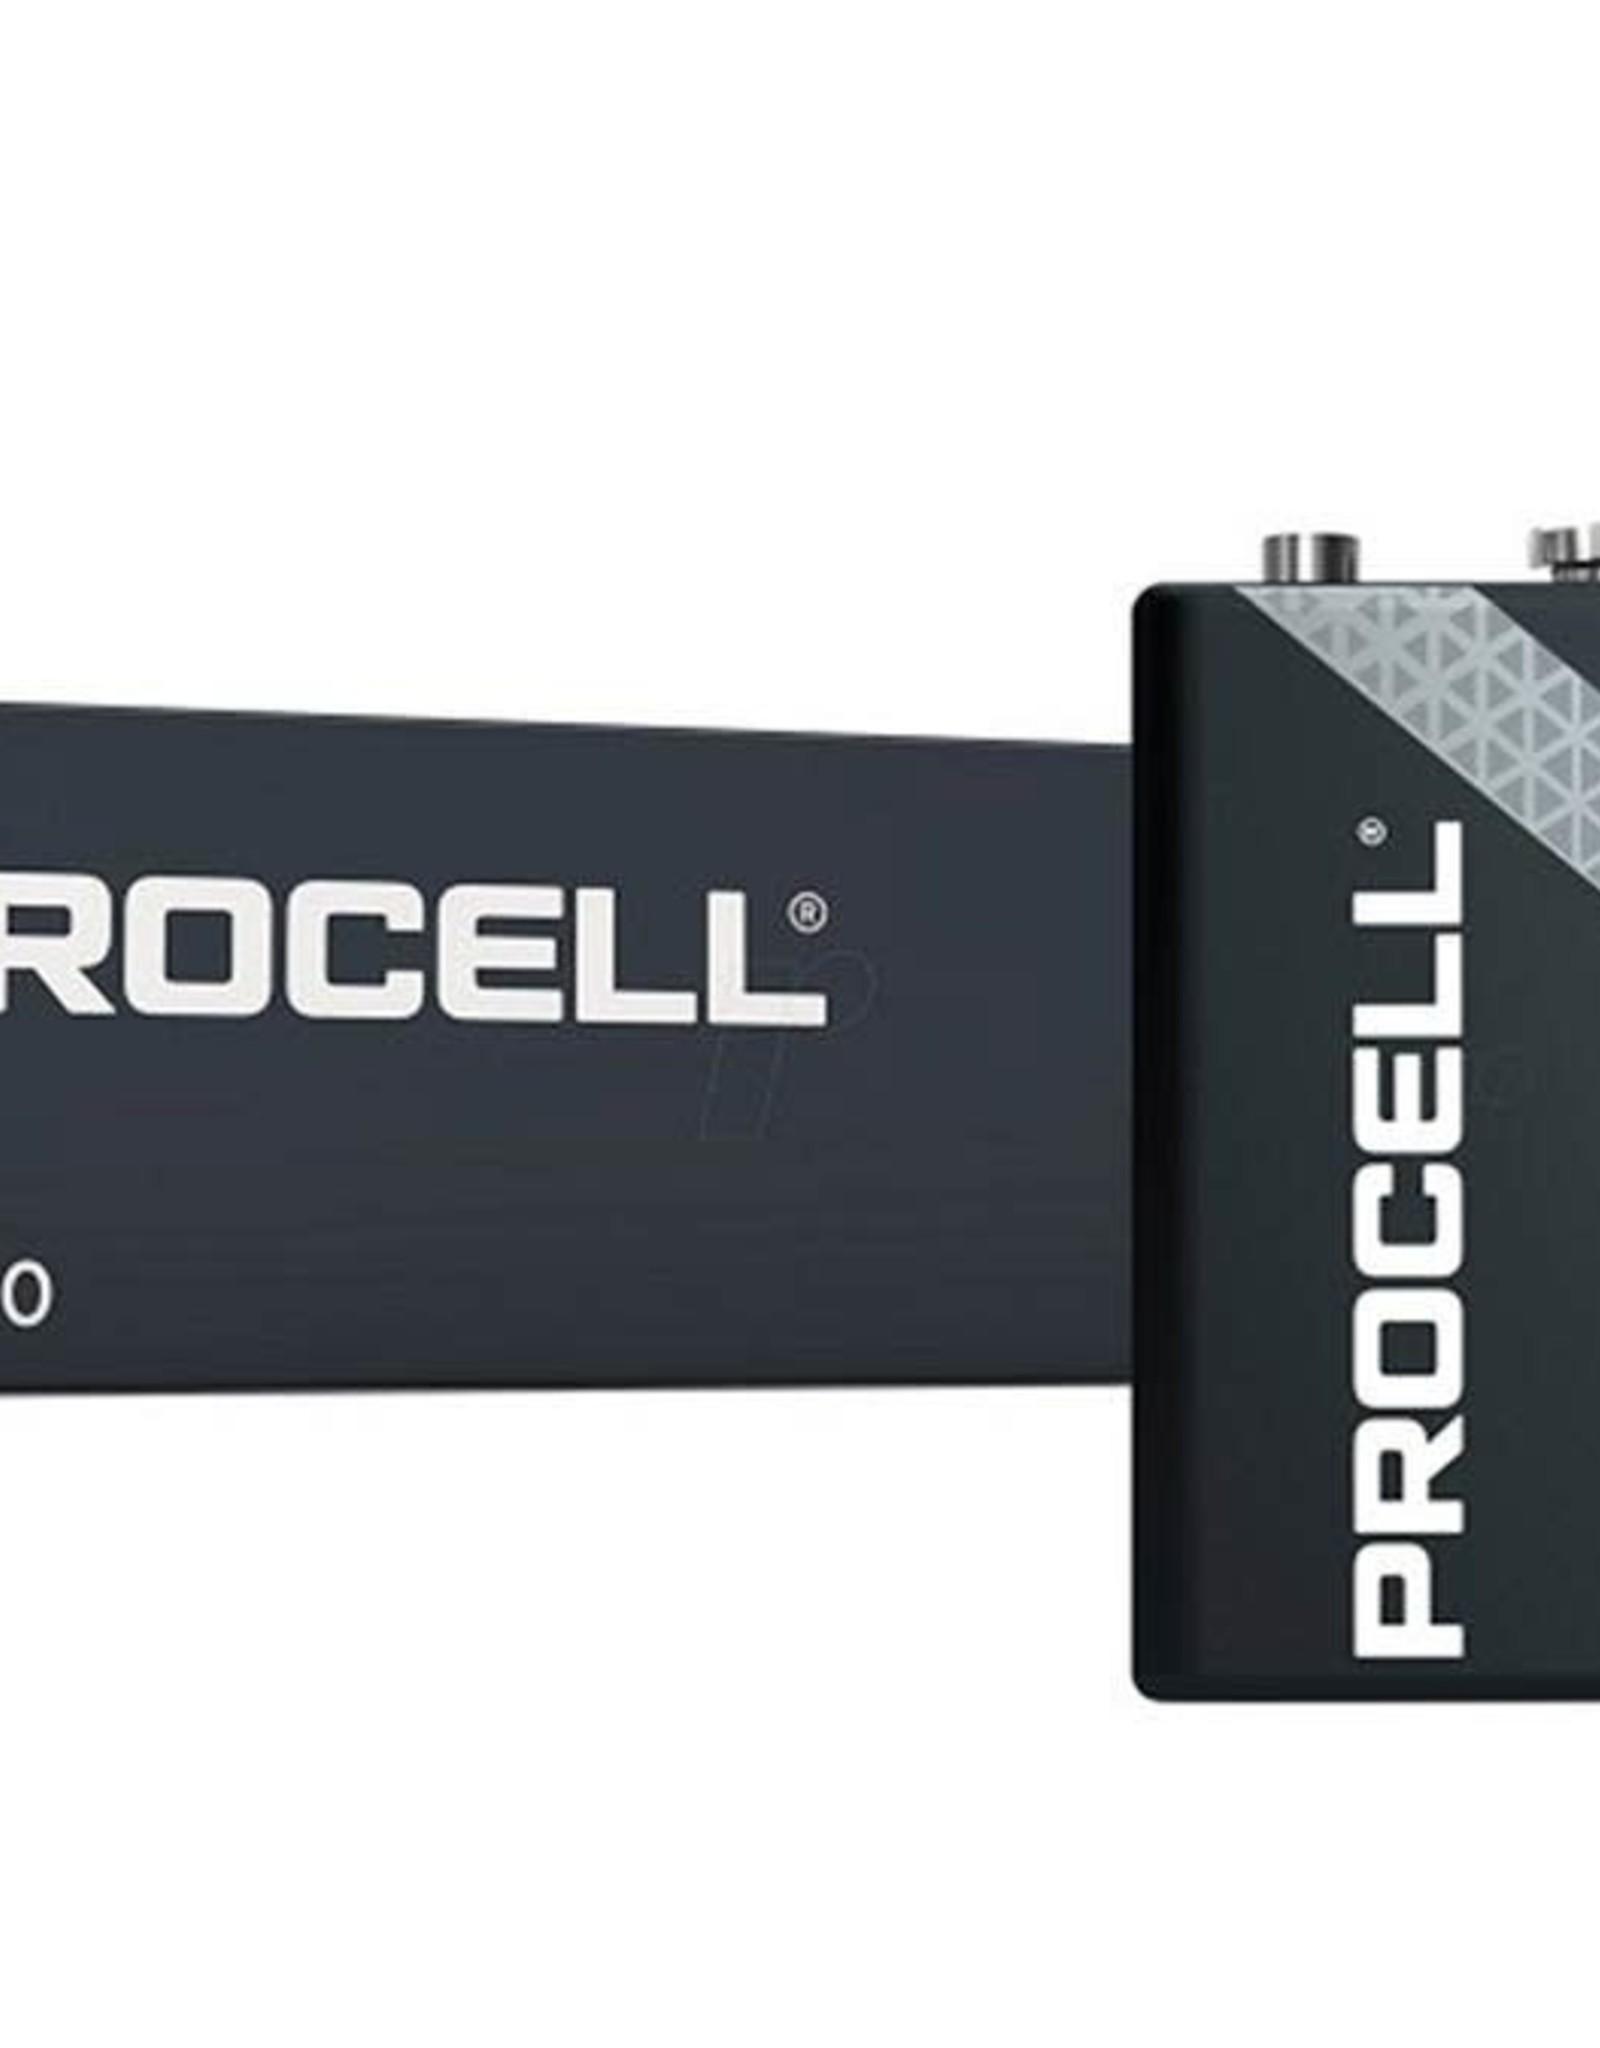 Duracell 9v  batterij - art. 9v10 PER STUK